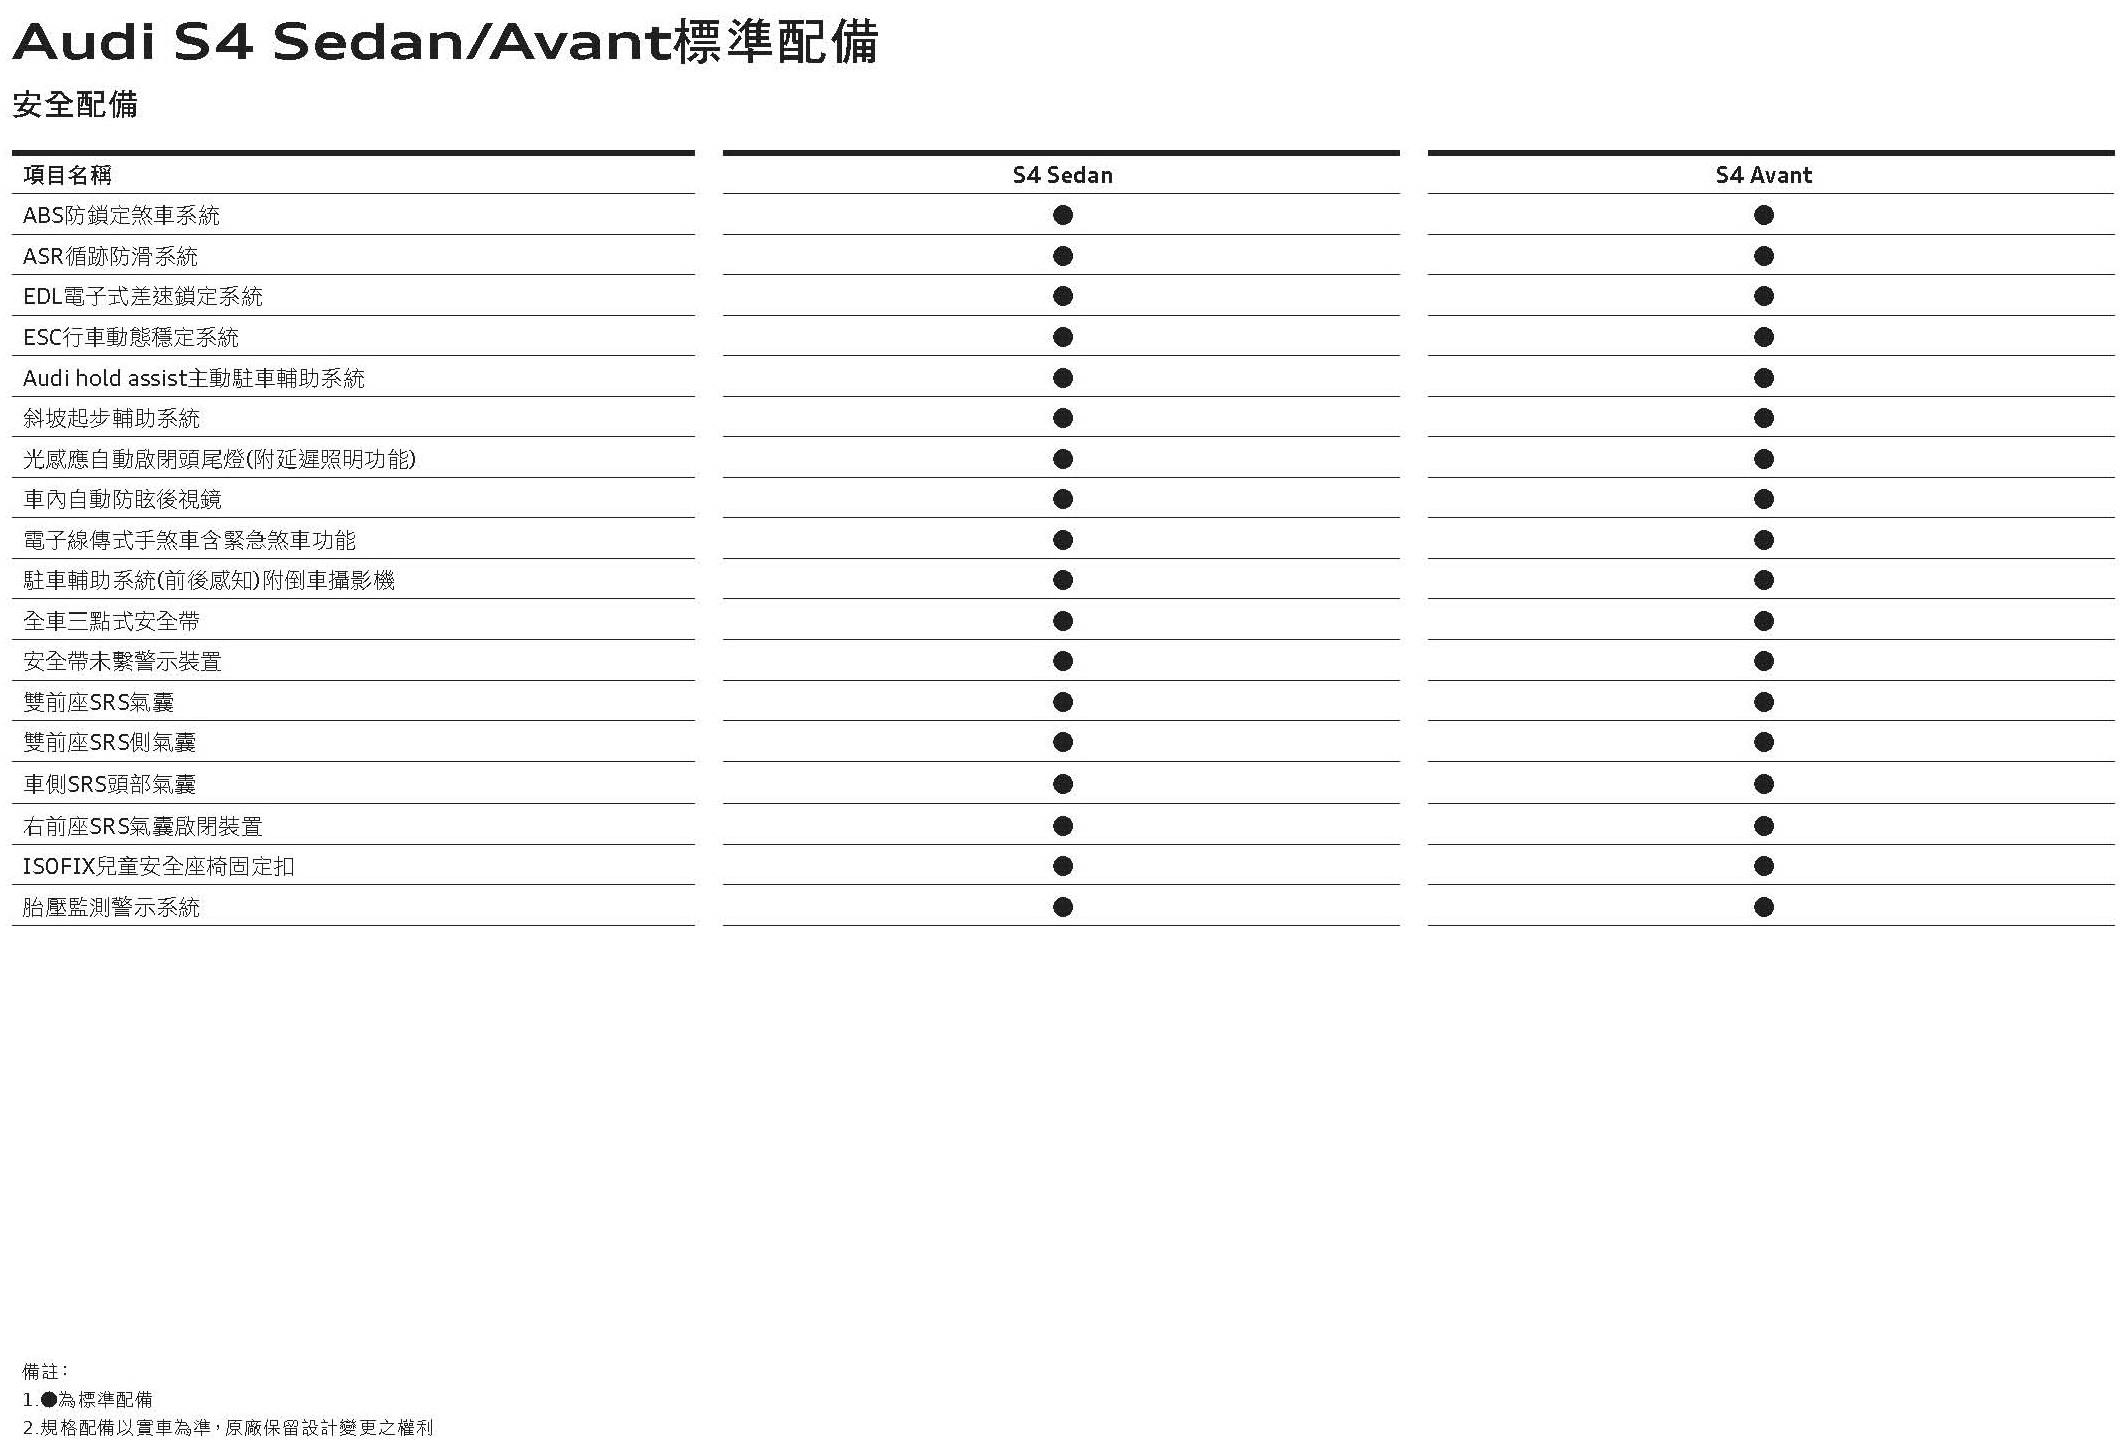 The new Audi S4規格配備表_頁面_5